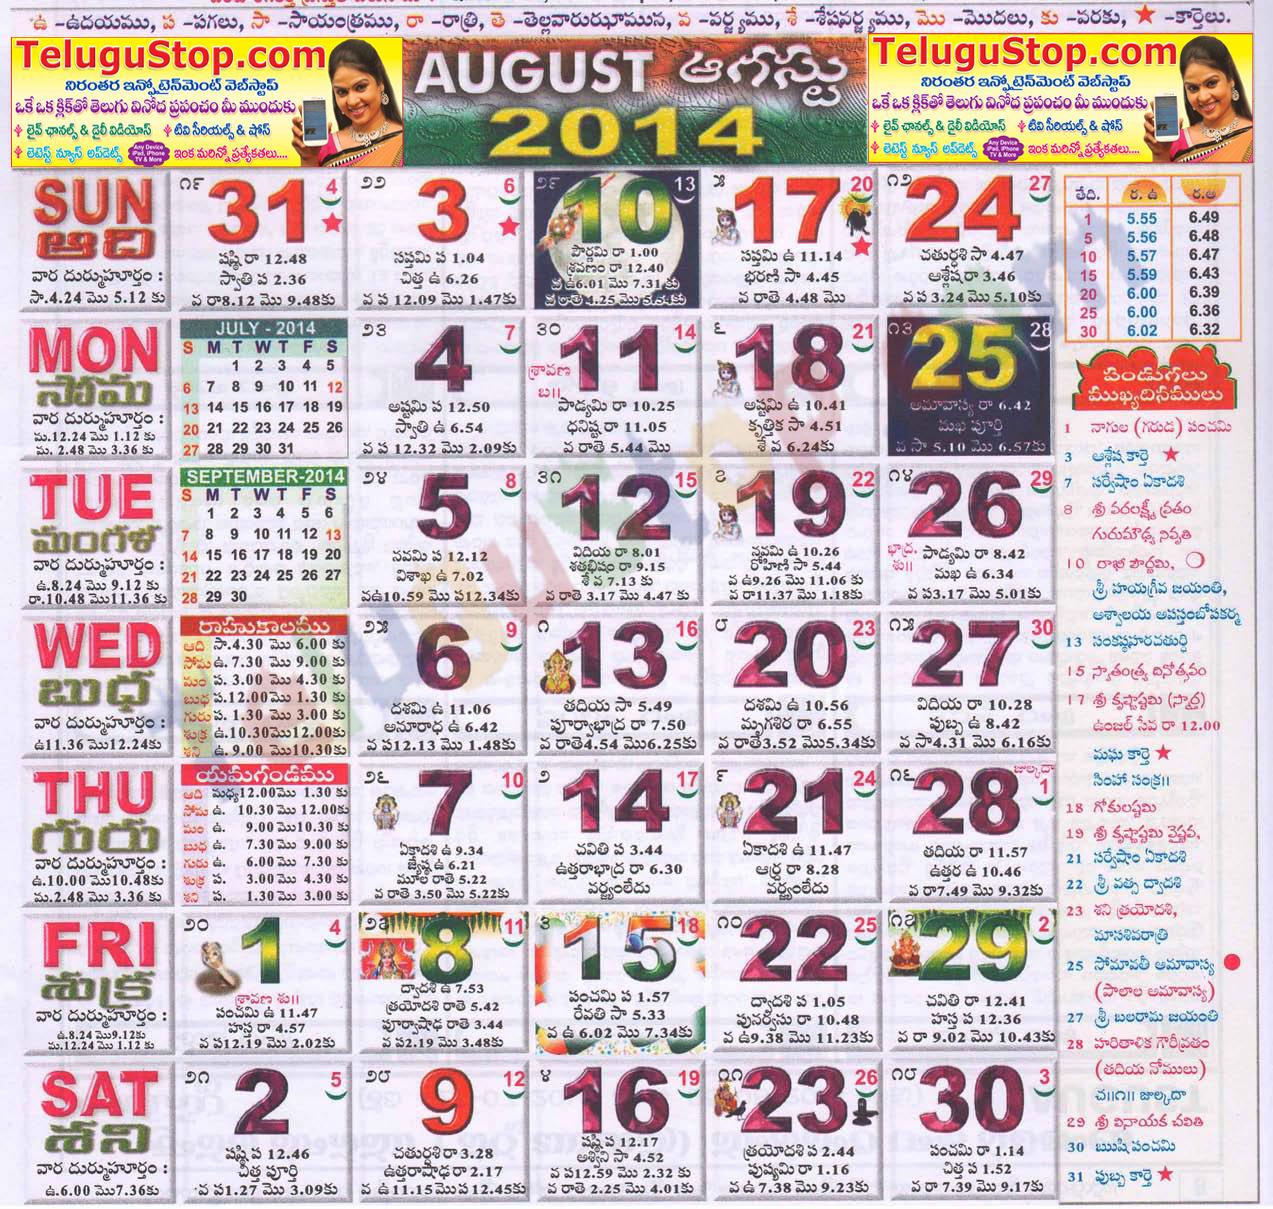 Telugu Calendar August 2014